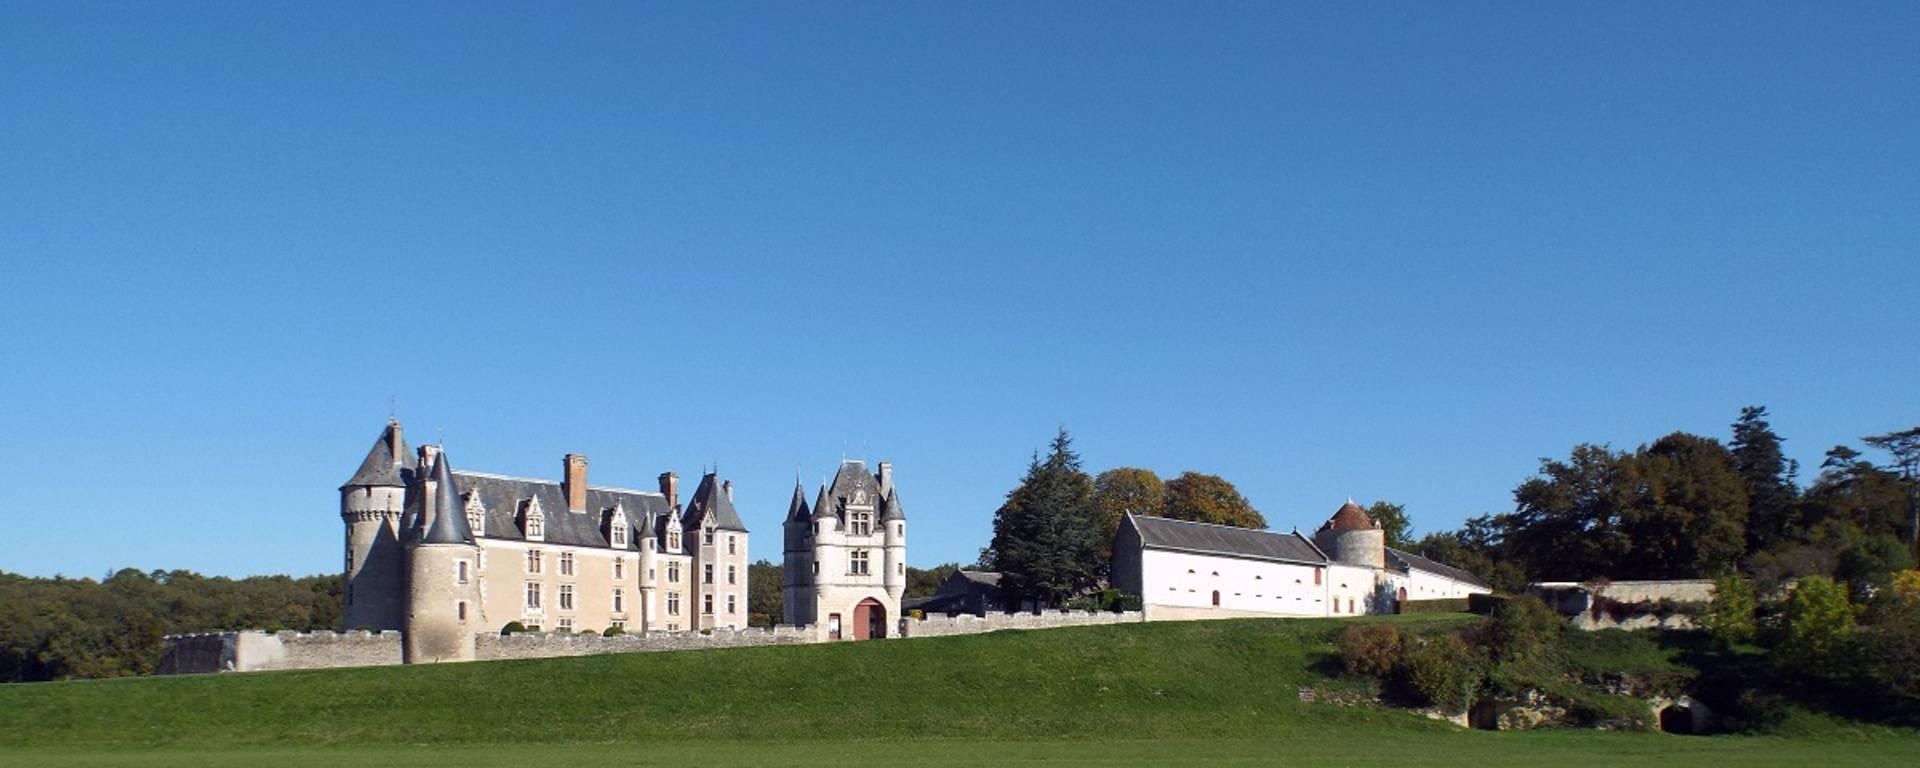 Vista exterior del castillo de Montpoupon. © OTBC